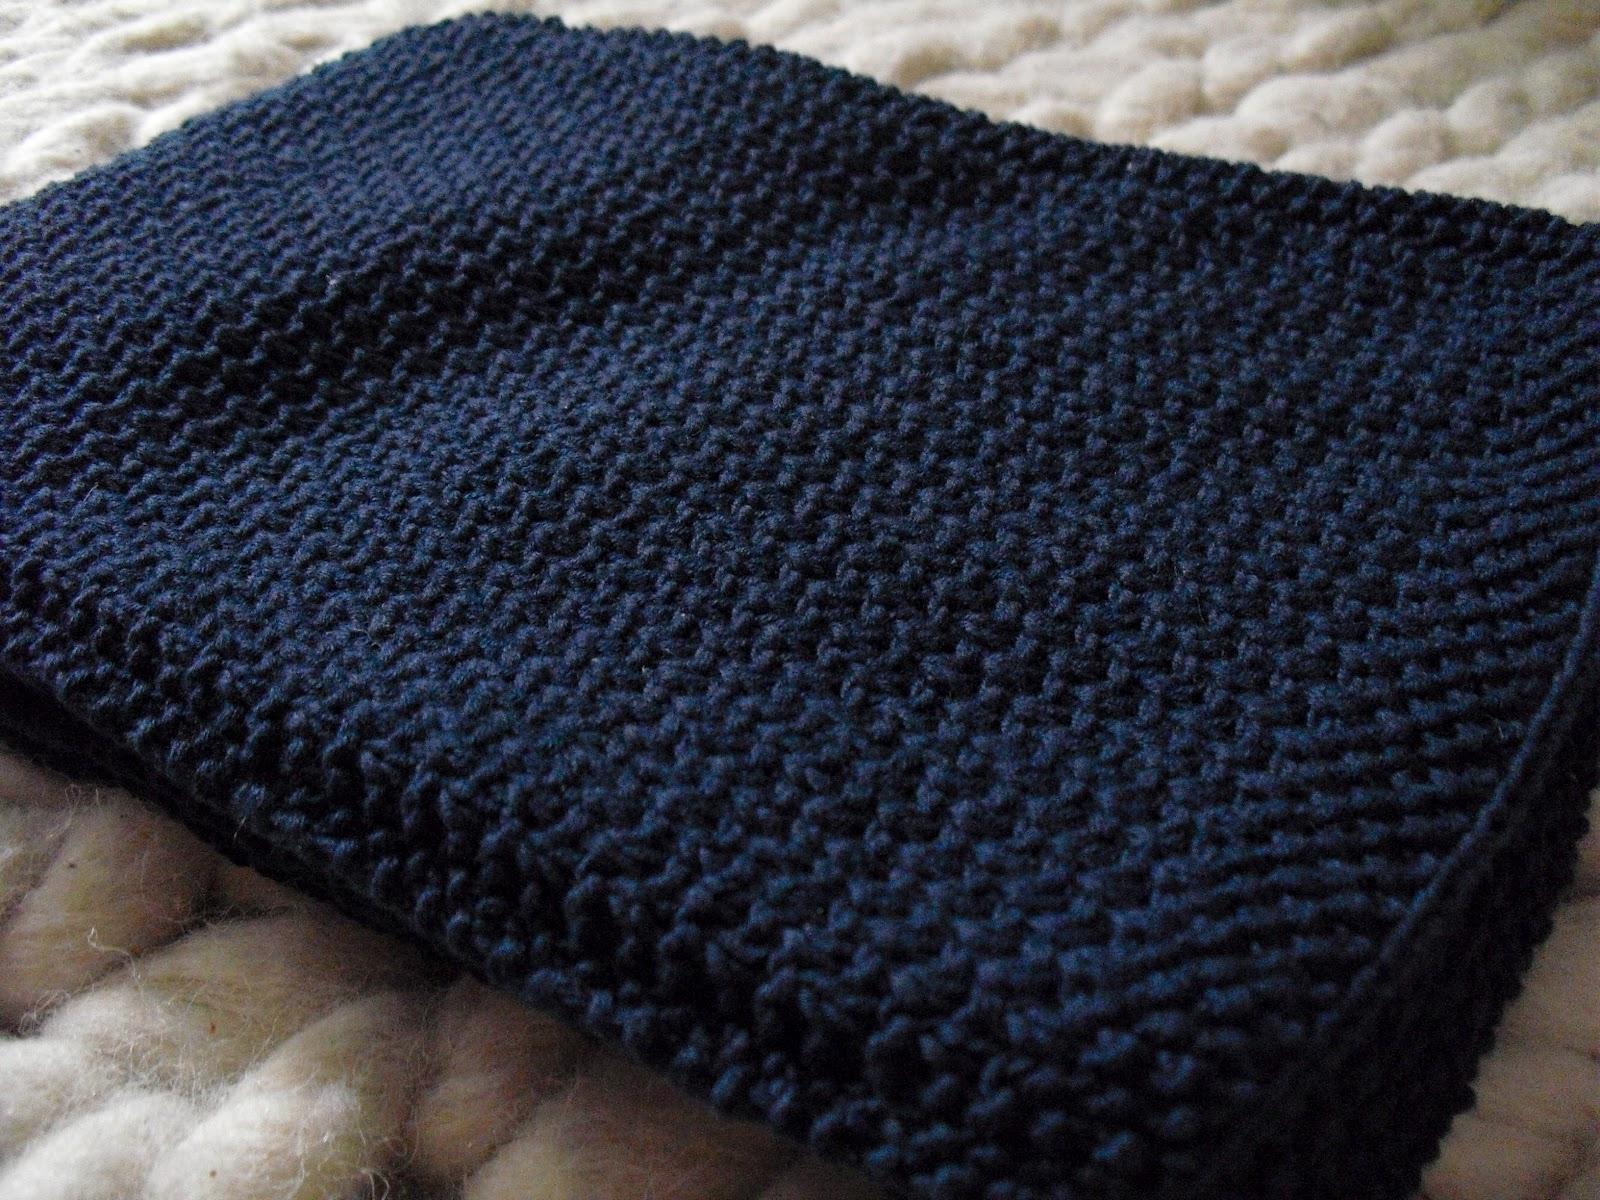 tricoter au point de riz